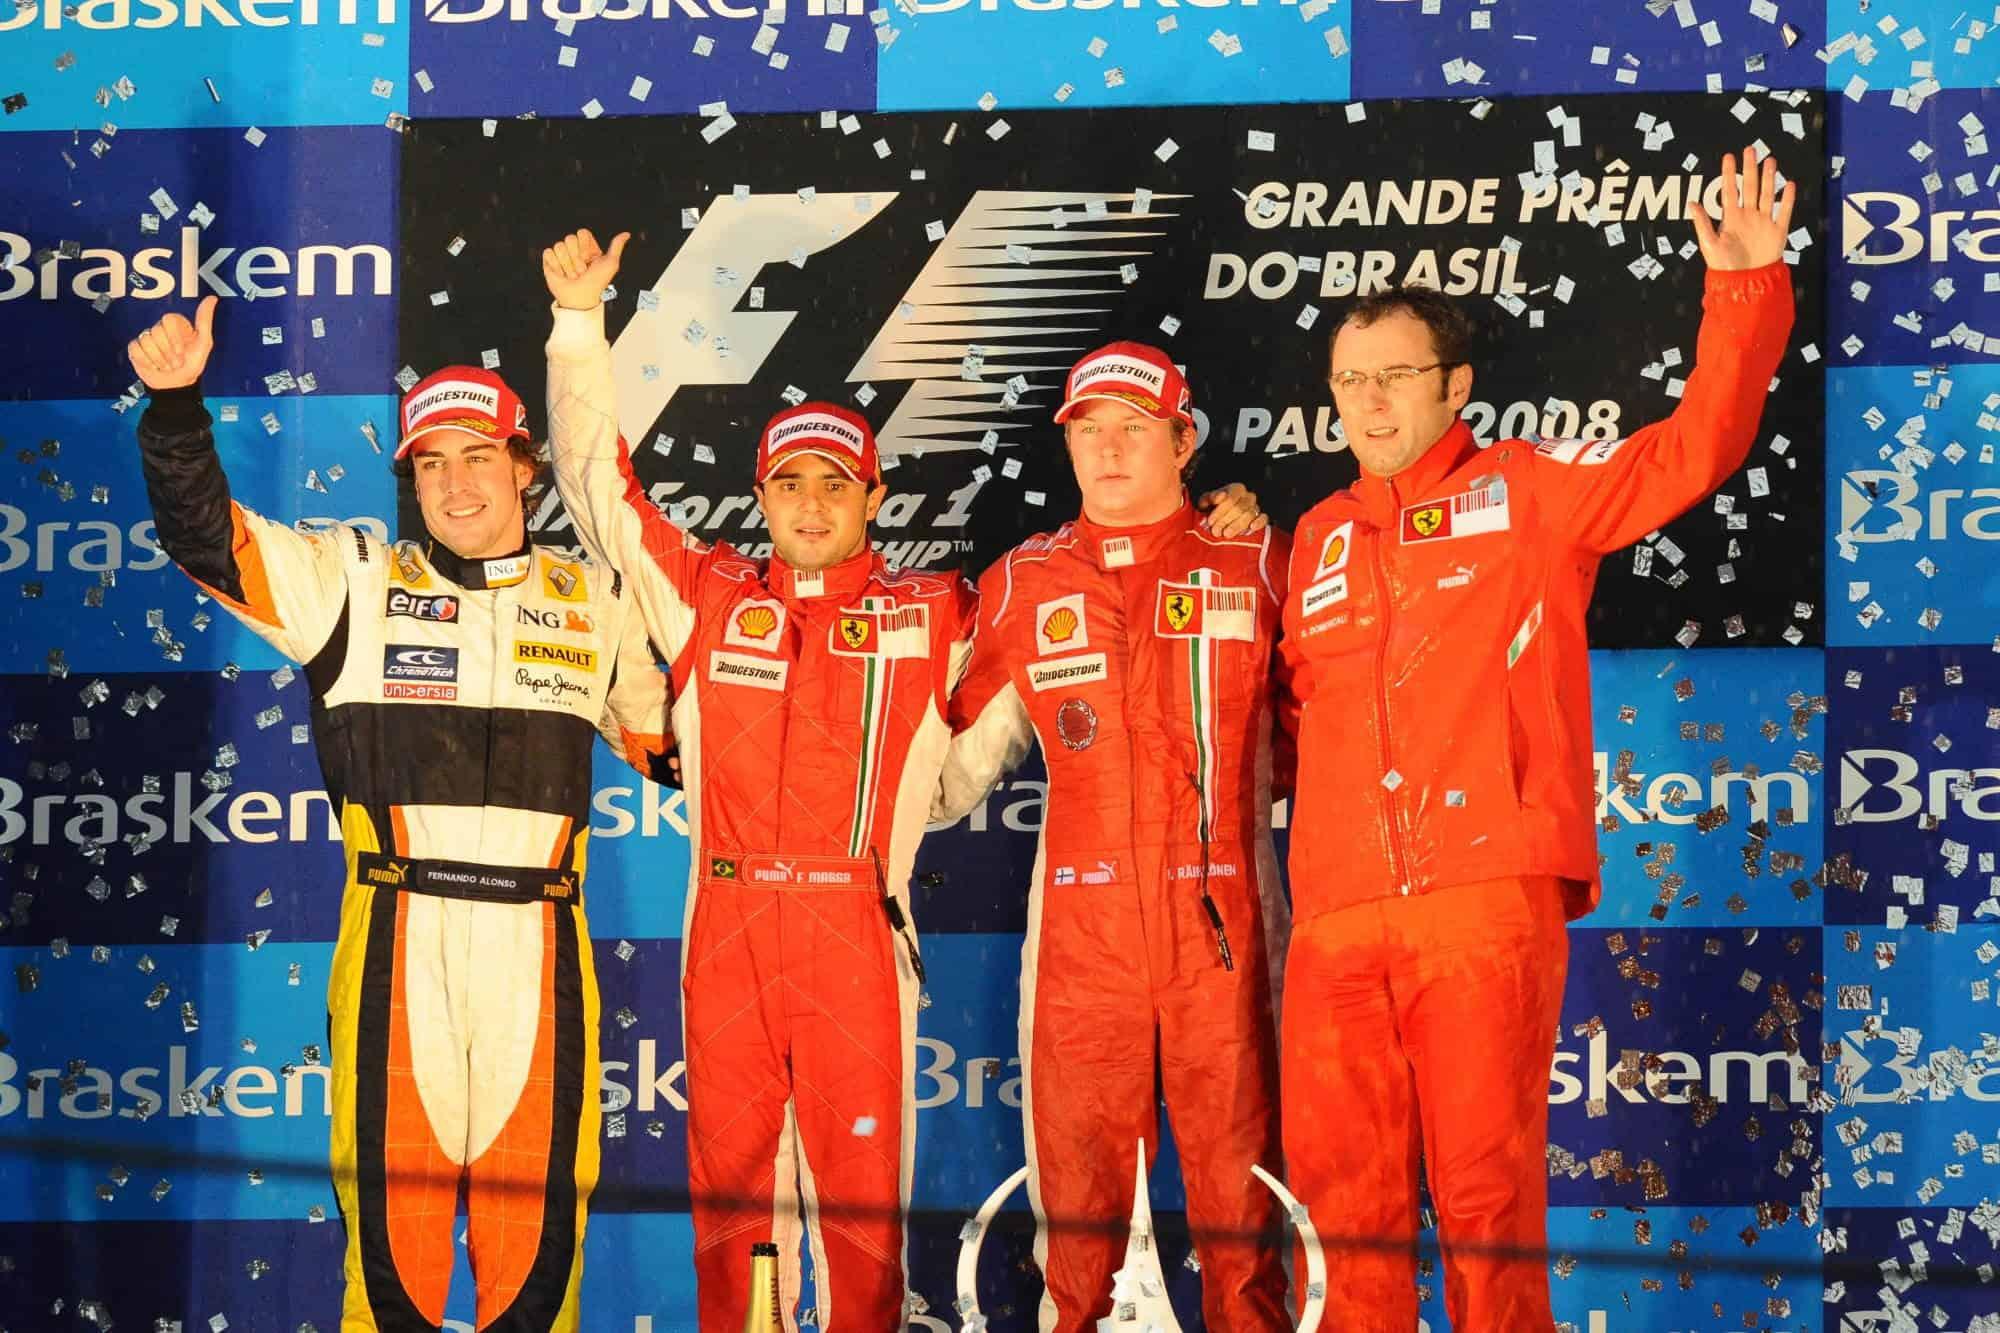 2008 Brazilian GP Podium Alonso Massa Raikkonen Domenicali Photo Ferrari